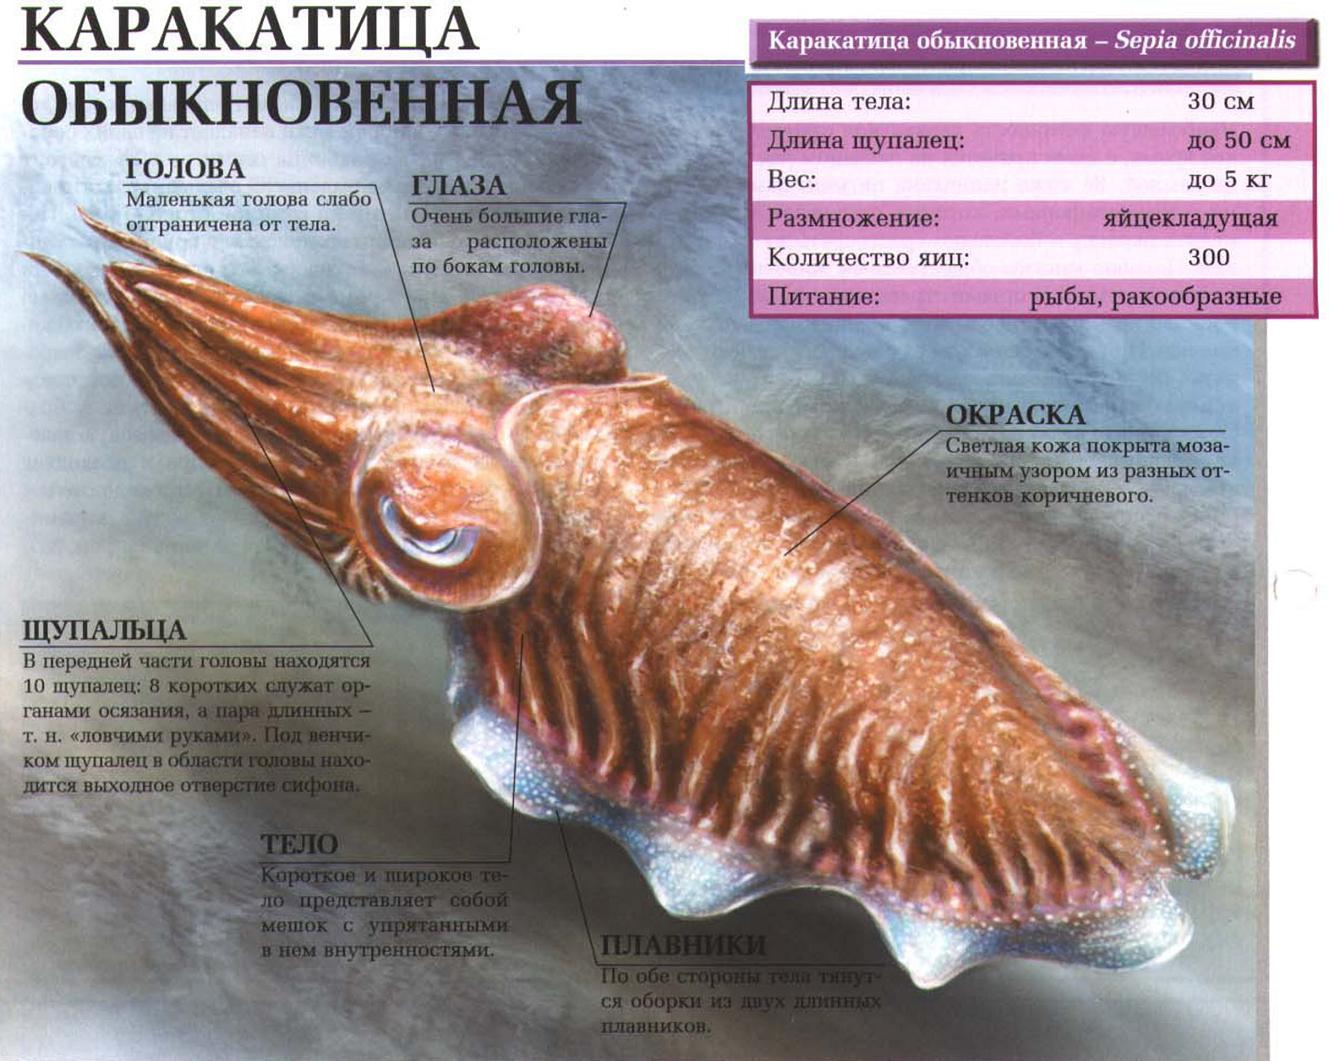 Как правильно есть каракатицу. что такое каракатица | здоровье человека